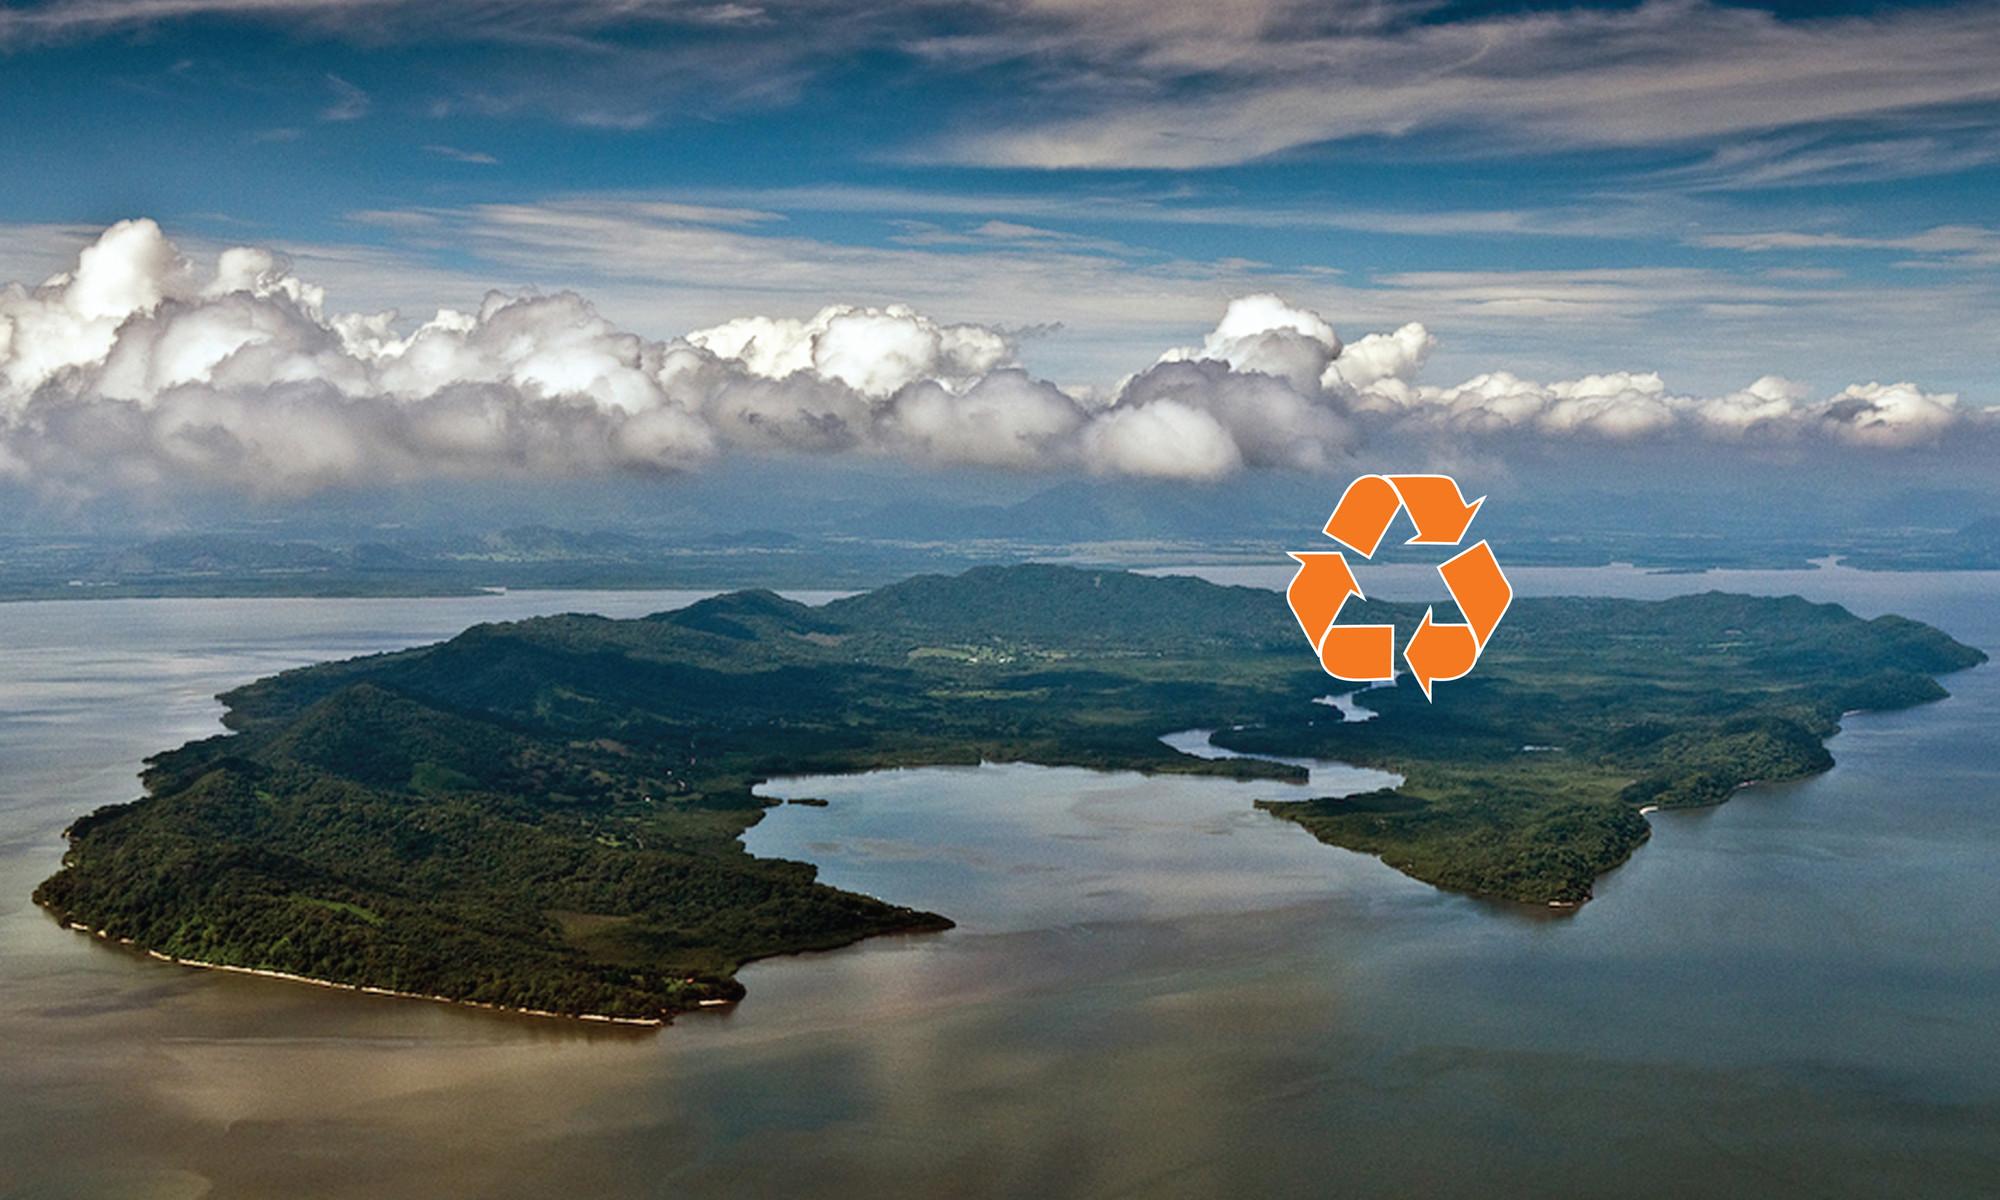 Isla de Chira está situado en el Golfo de Nicoya por la costa del Pacífico centroamericana.. Image Cortesia de A-01